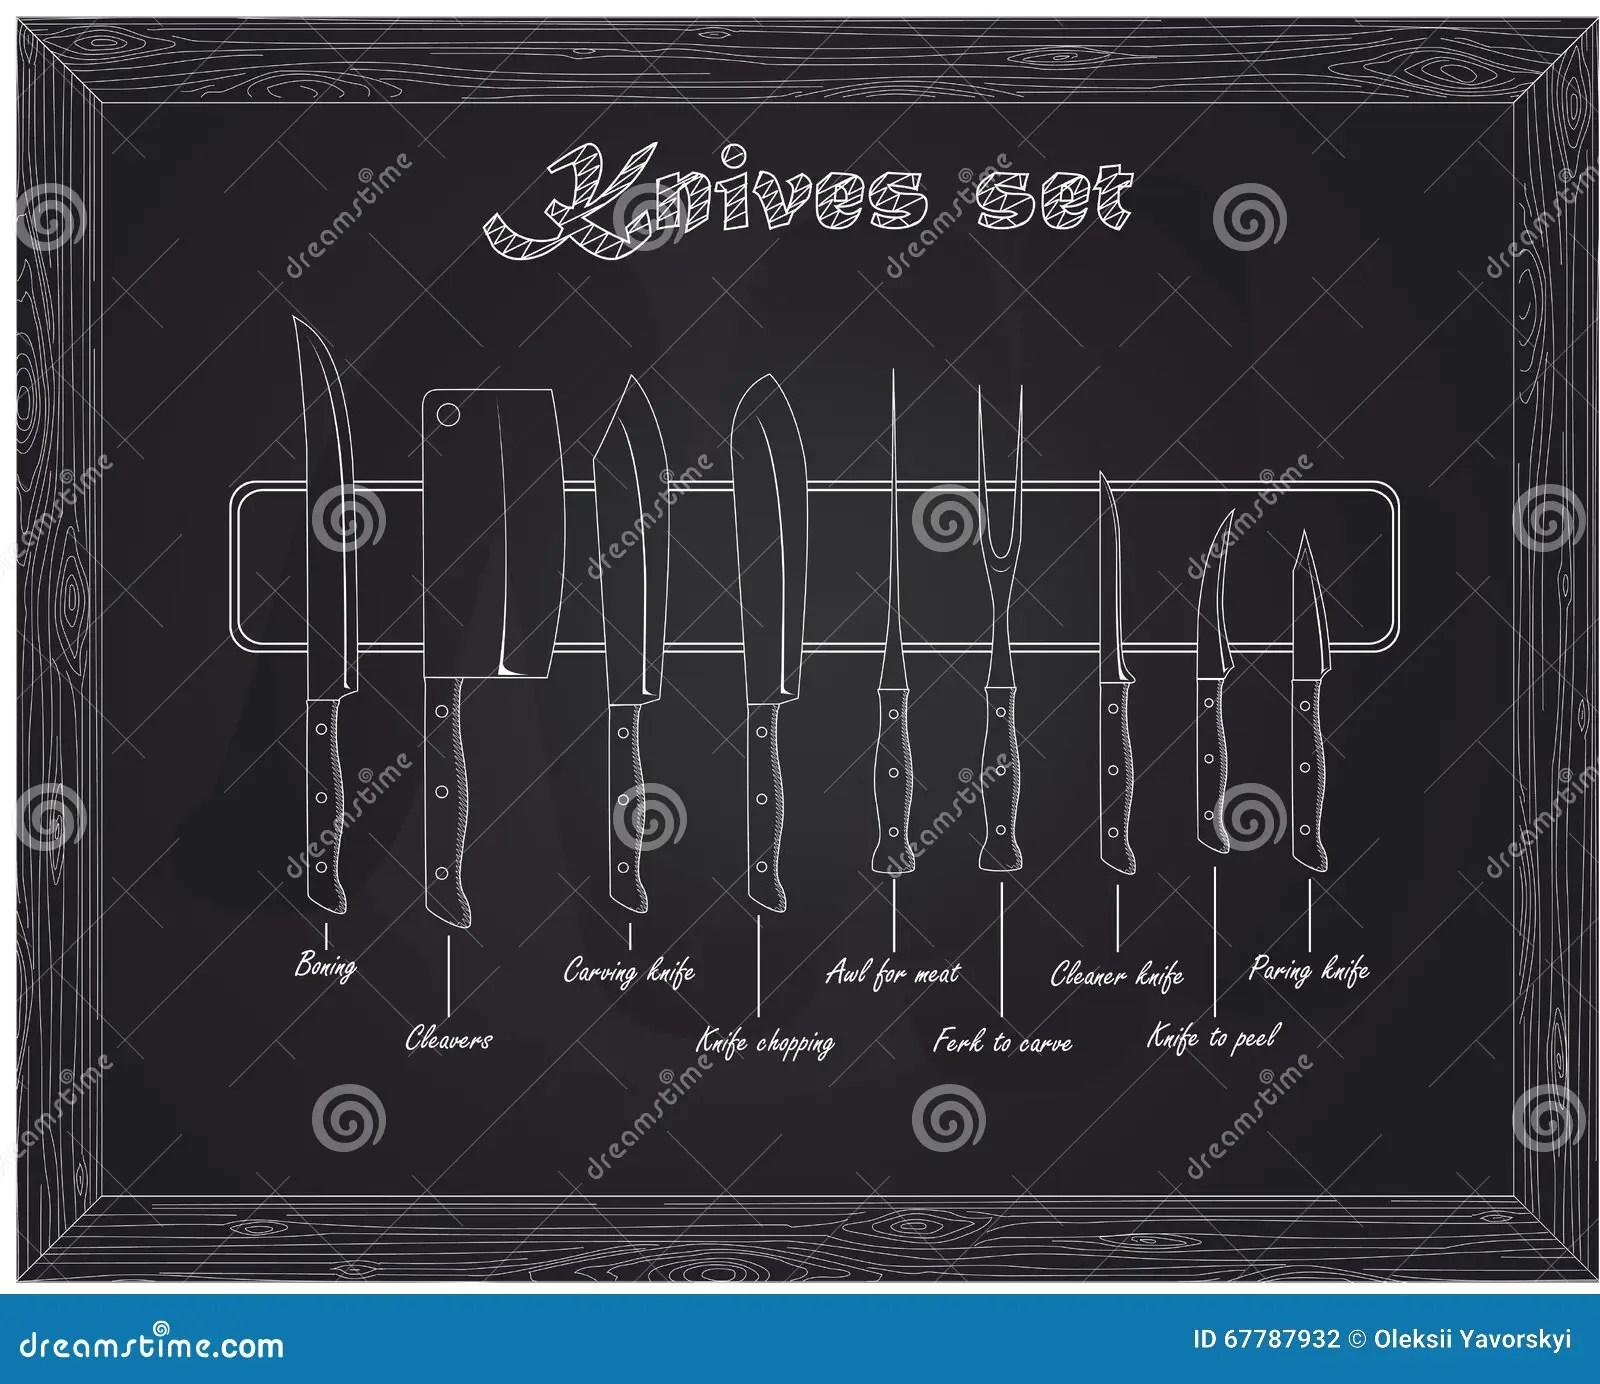 kitchen knife magnet corner bench seating 套在磁铁的厨刀向量例证 插画包括有烹调 金属 雕刻 框架 果皮 套在一张磁铁图画的厨刀与白垩